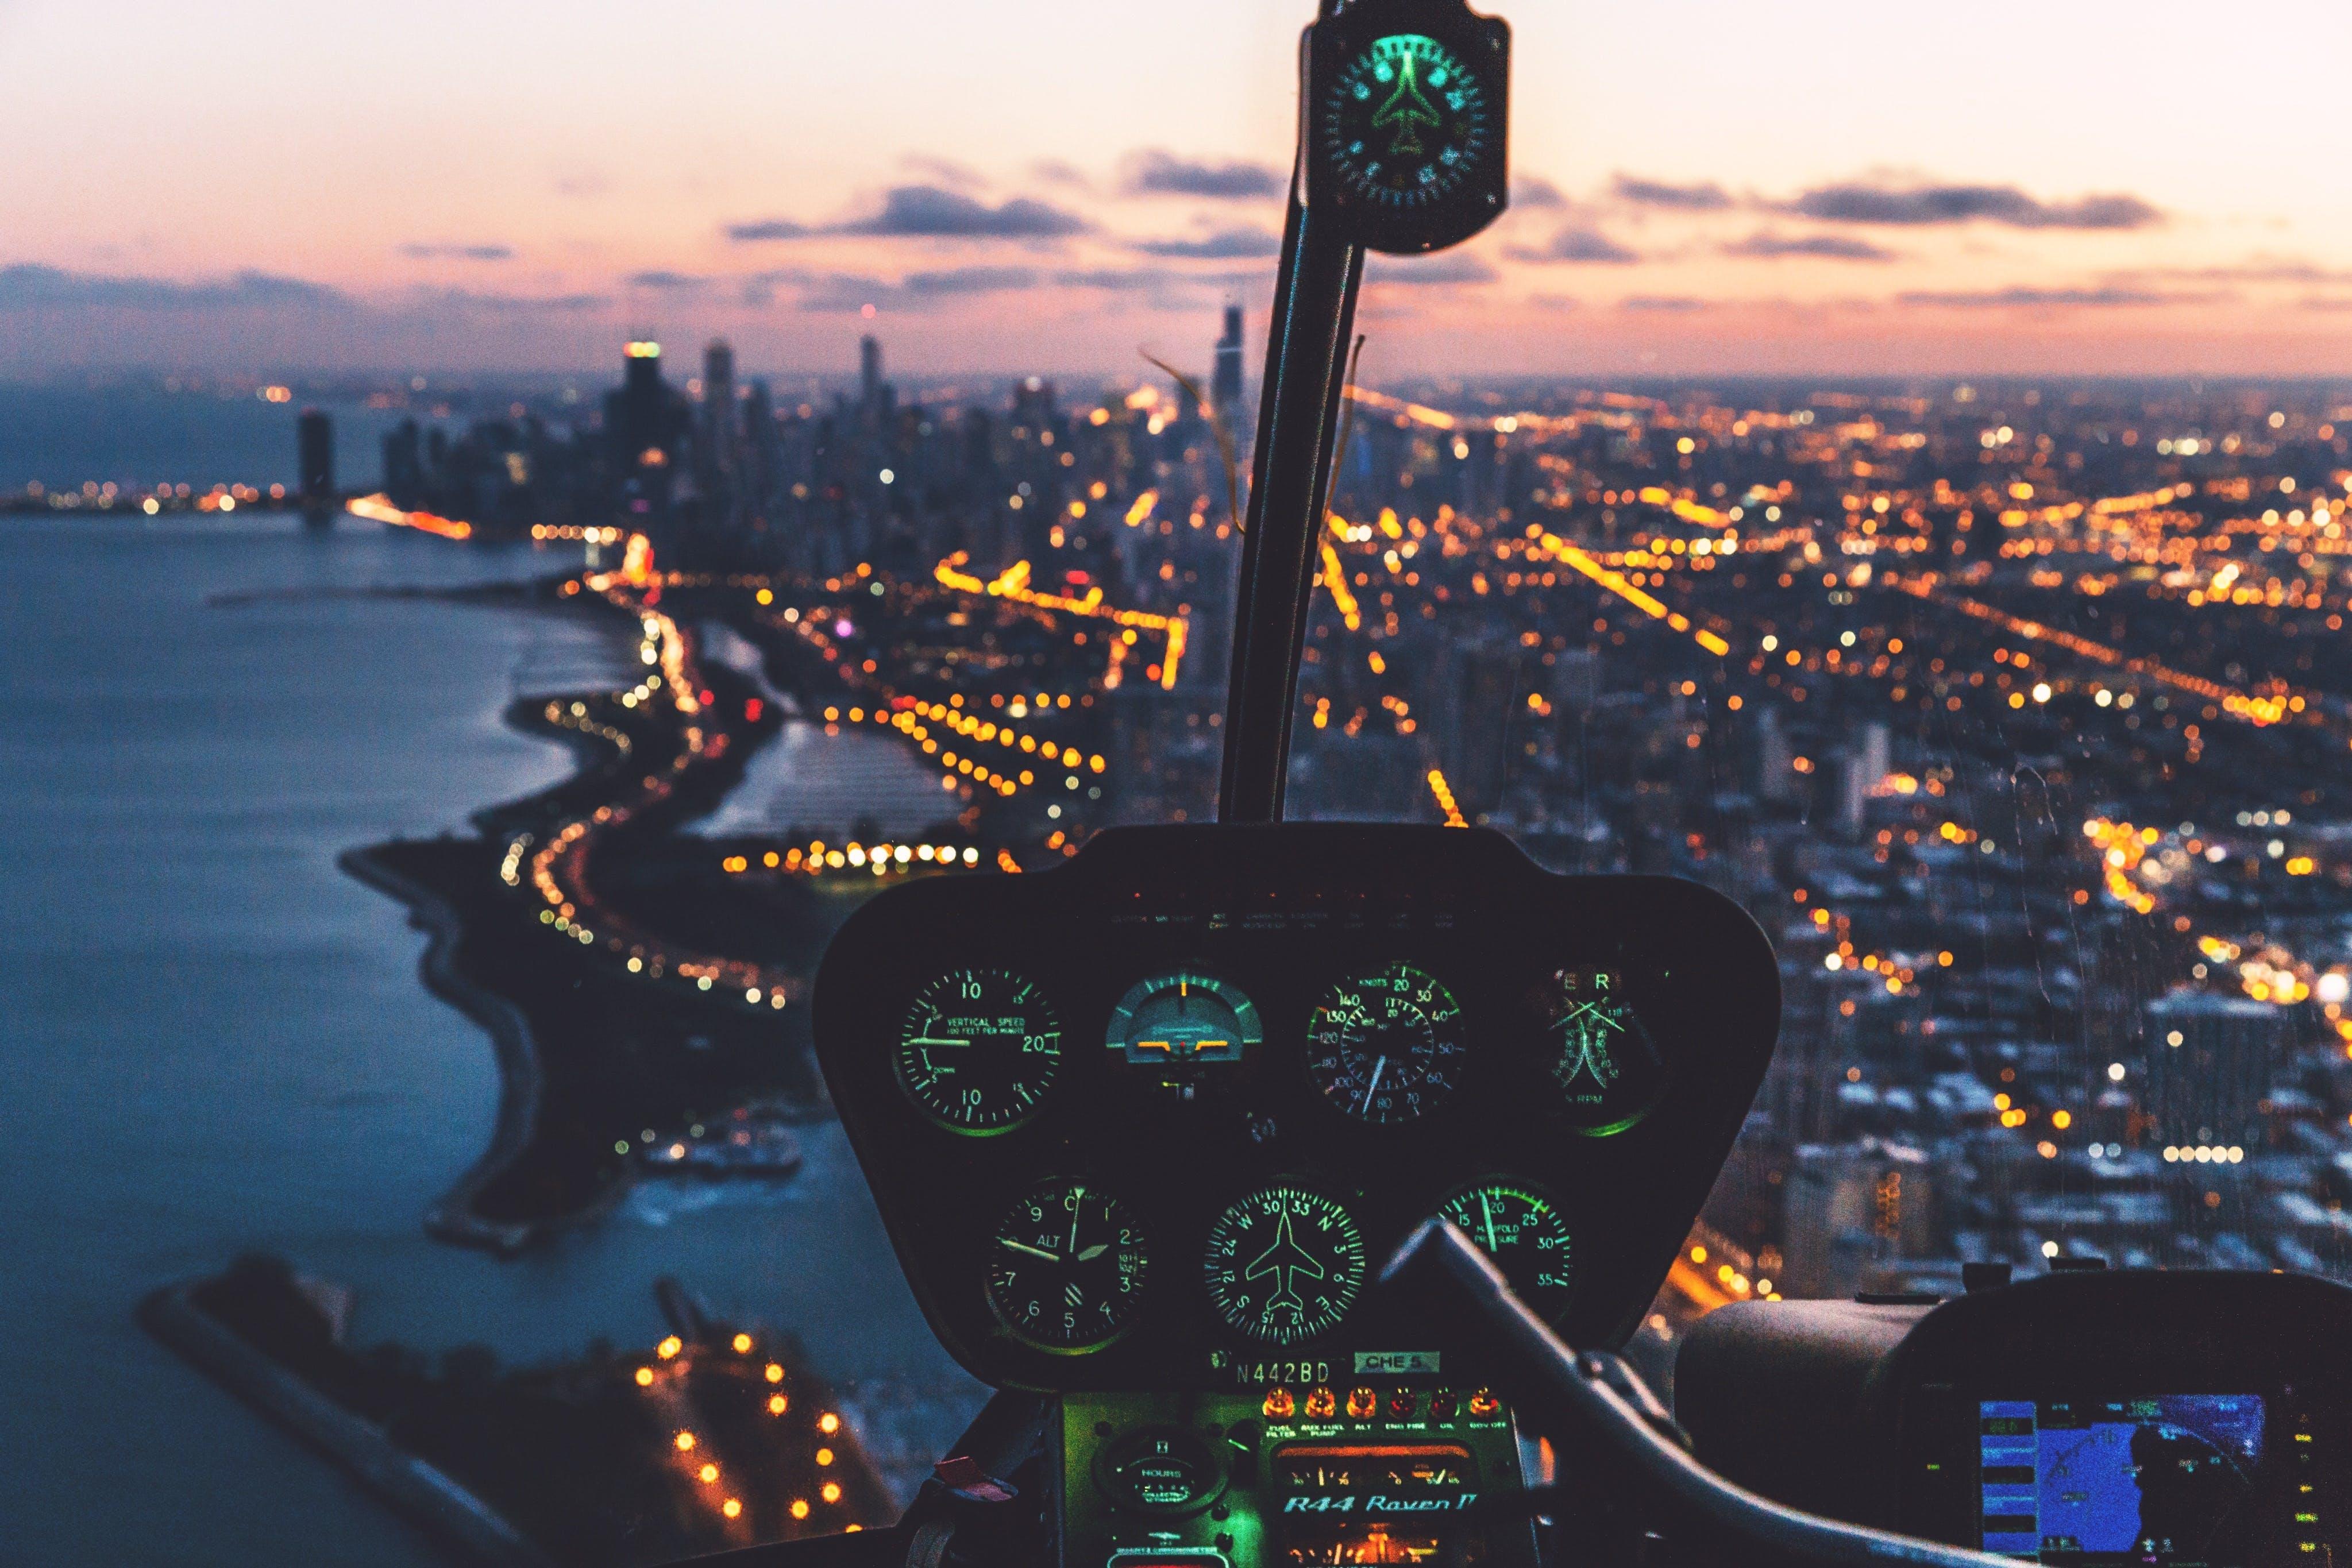 Rechnungscockpit - Alles im Überblick